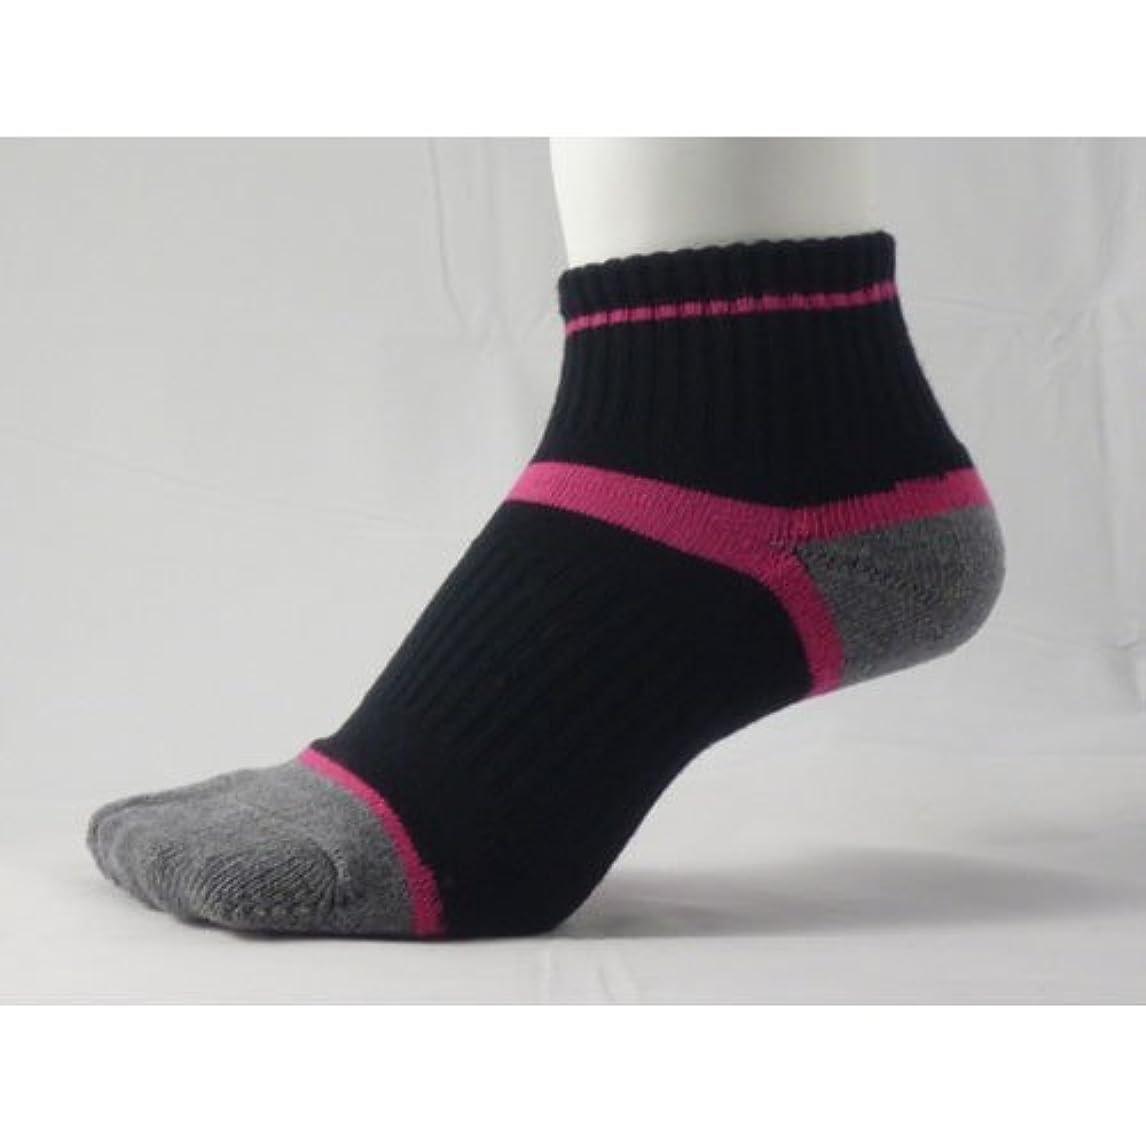 ジュース陰謀ナイロン草鞋ソックス S(22-24cm)ピンク 【わらじソックス】【炭の靴下】【足袋型】